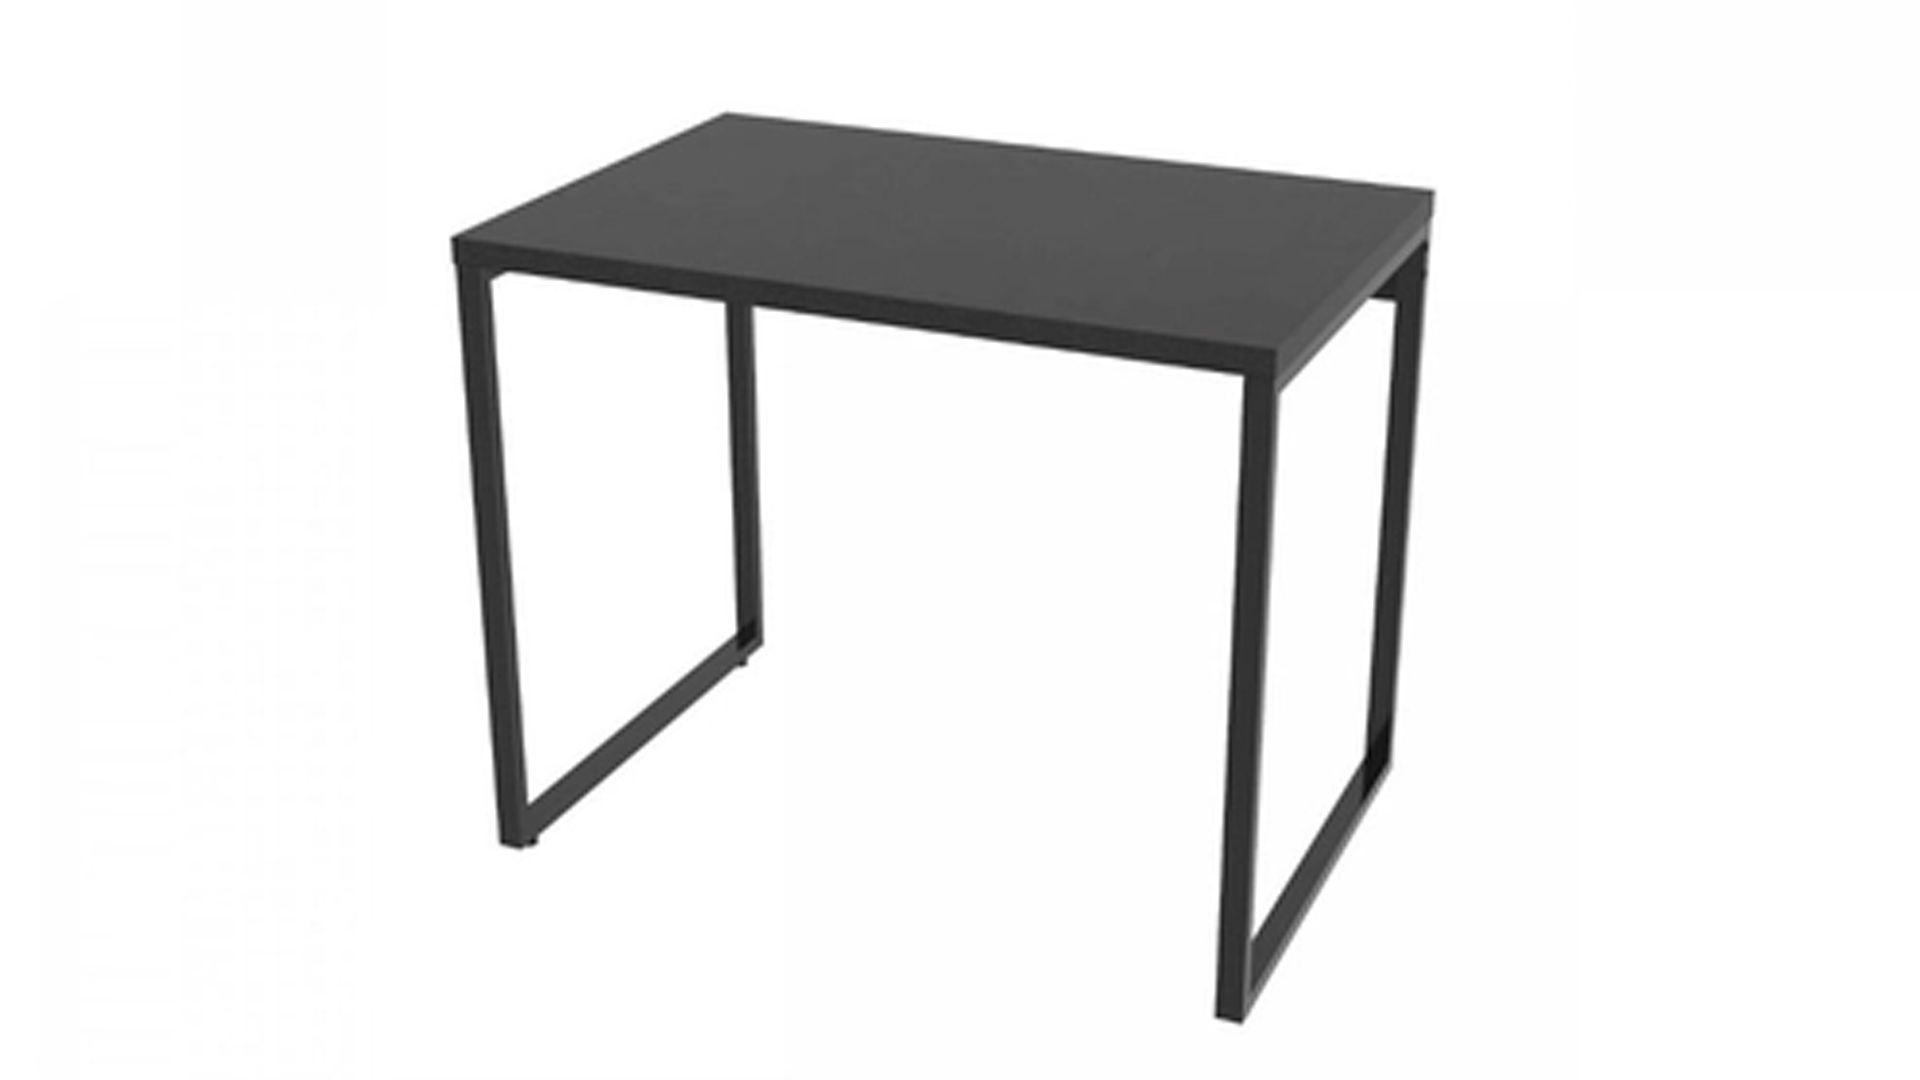 Uma mesa para notebook resistente e ideal para um ambiente moderno (Fonte: Reprodução)